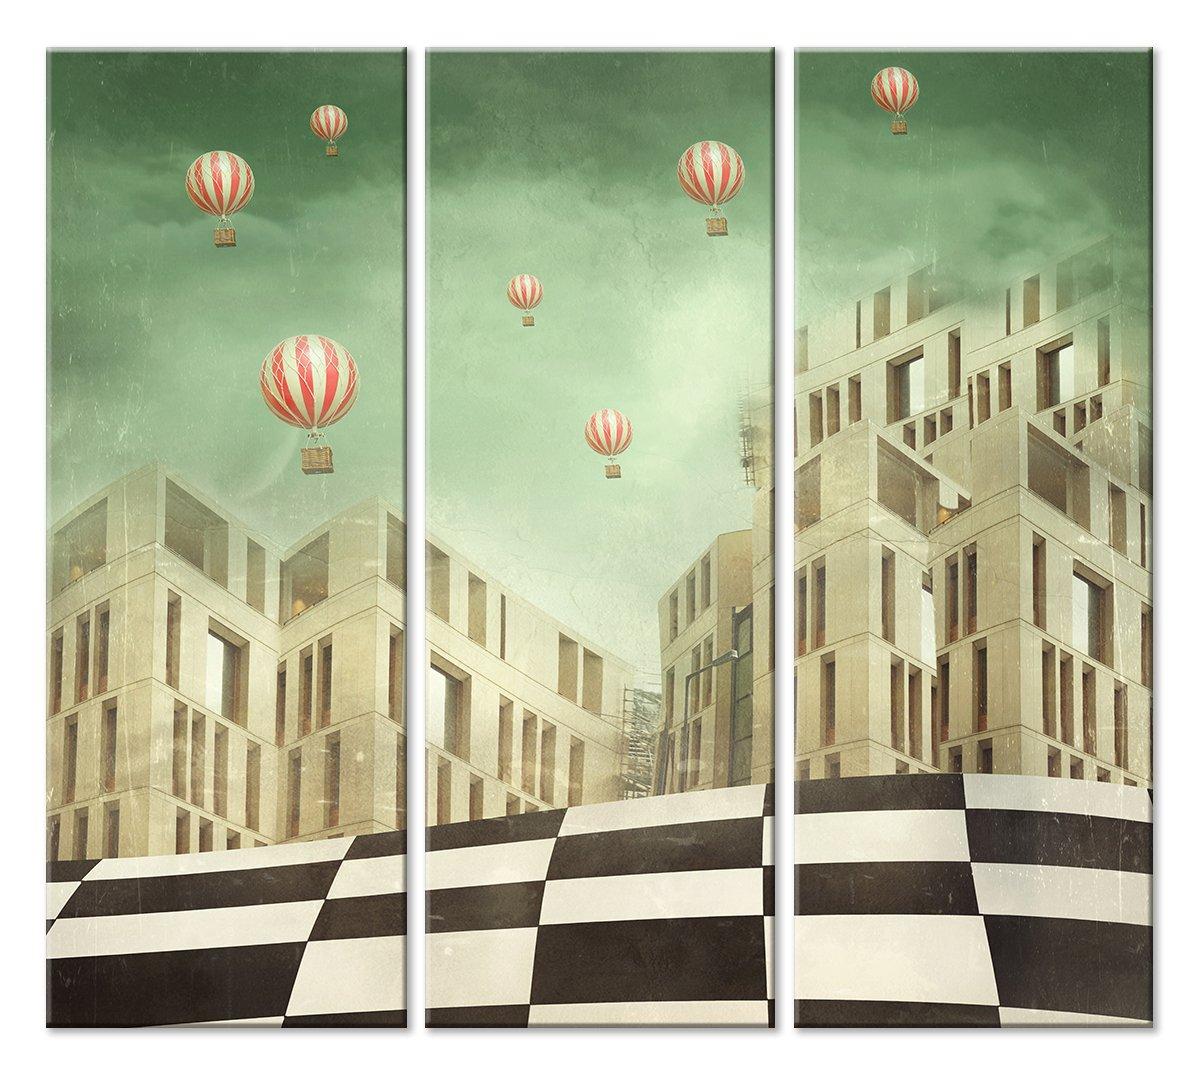 Модульная картина «Современный город»Детские<br>Модульная картина на натуральном холсте и деревянном подрамнике. Подвес в комплекте. Трехслойная надежная упаковка. Доставим в любую точку России. Вам осталось только повесить картину на стену!<br>